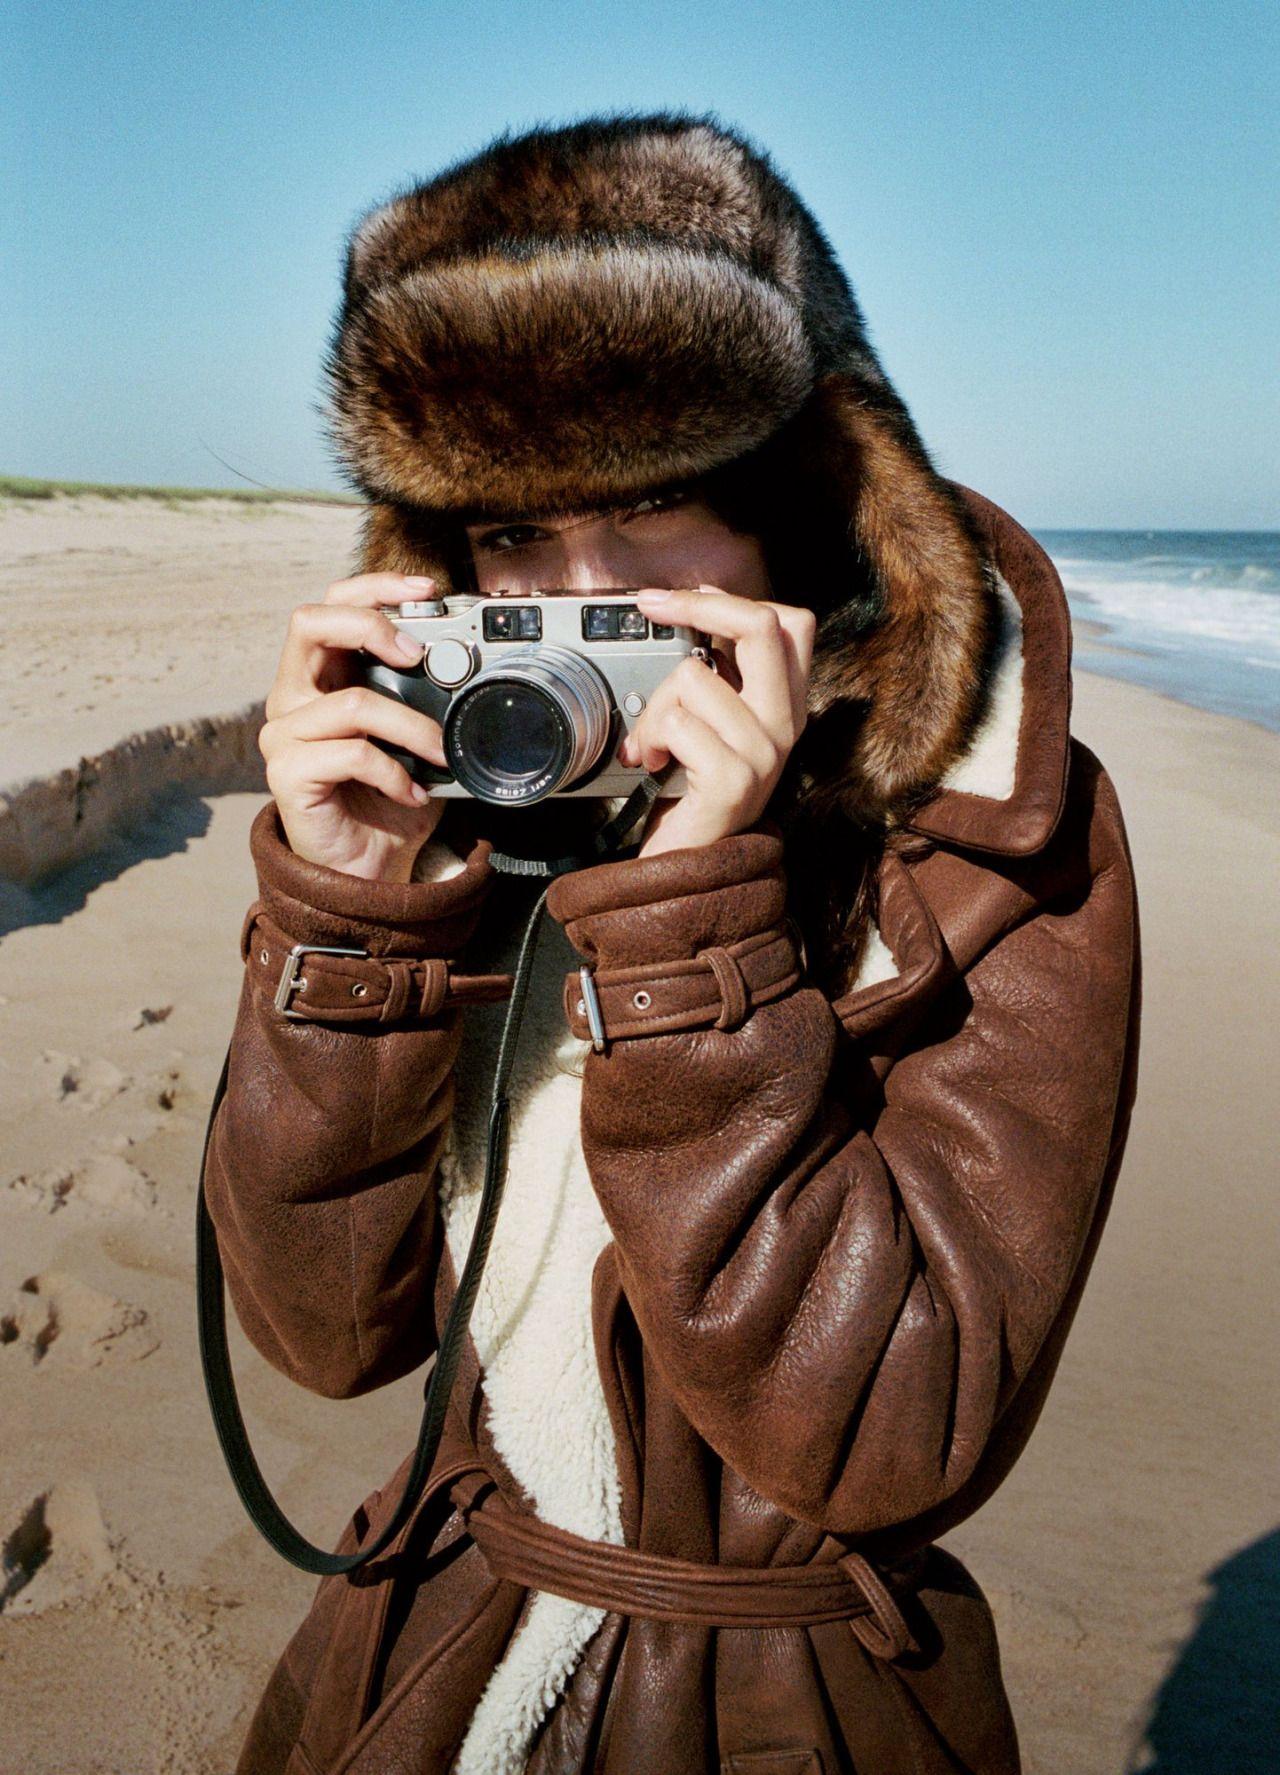 A unique perspective: Vogue magazine captures Ralph Lauren's celebration of individual style